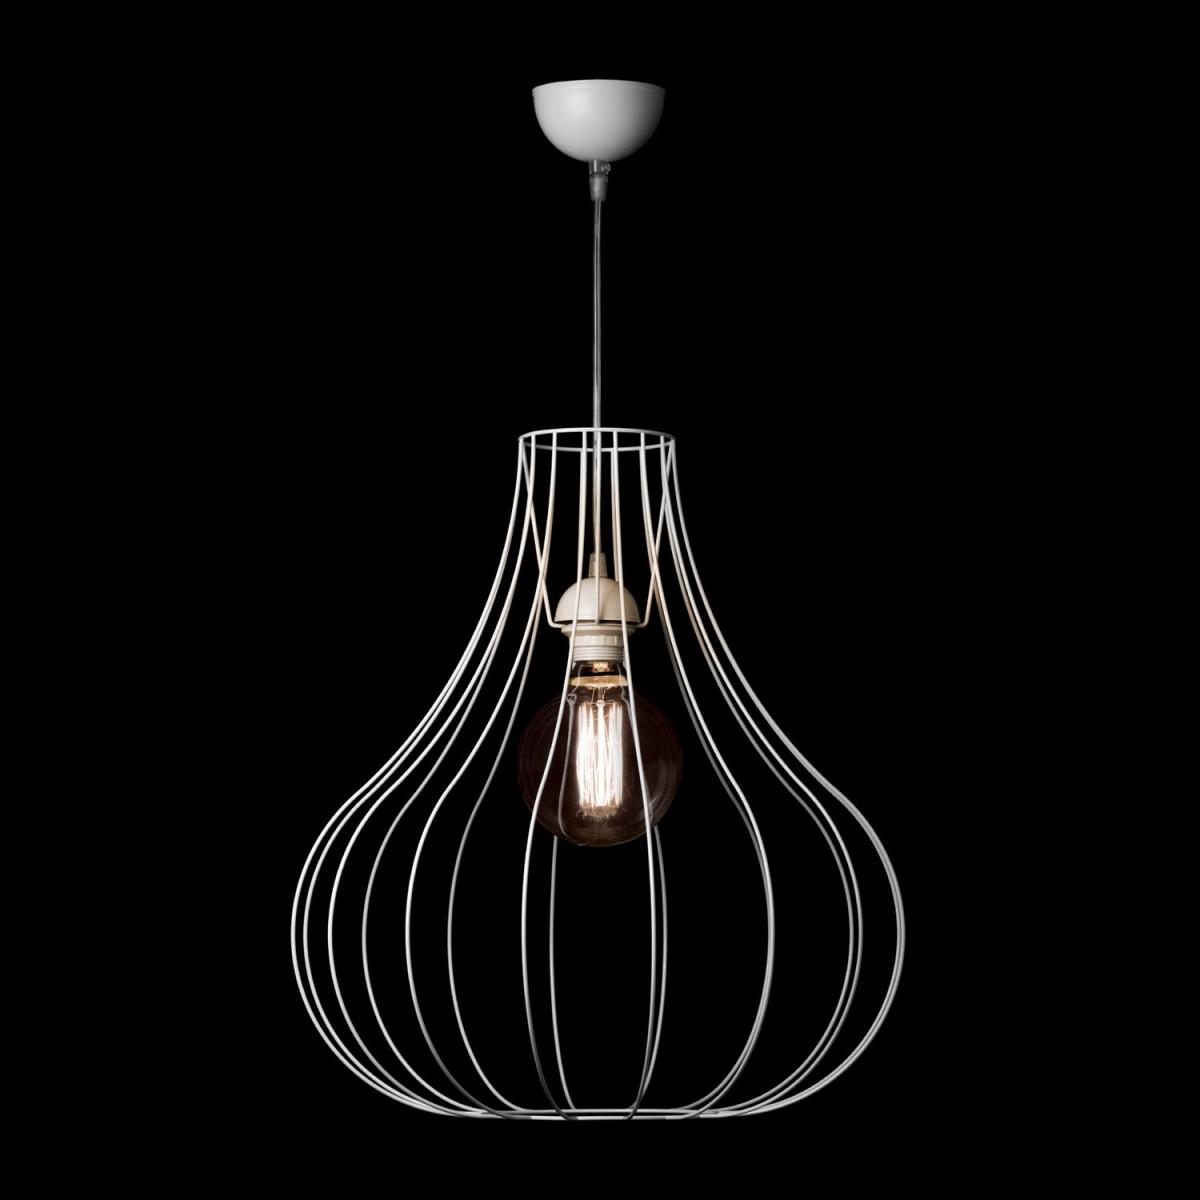 Design Leuchte Scandi Hängelampe Metall Hängeleuchte Lampe Wohnzimmer Weiß von Design Lampe Wohnzimmer Photo